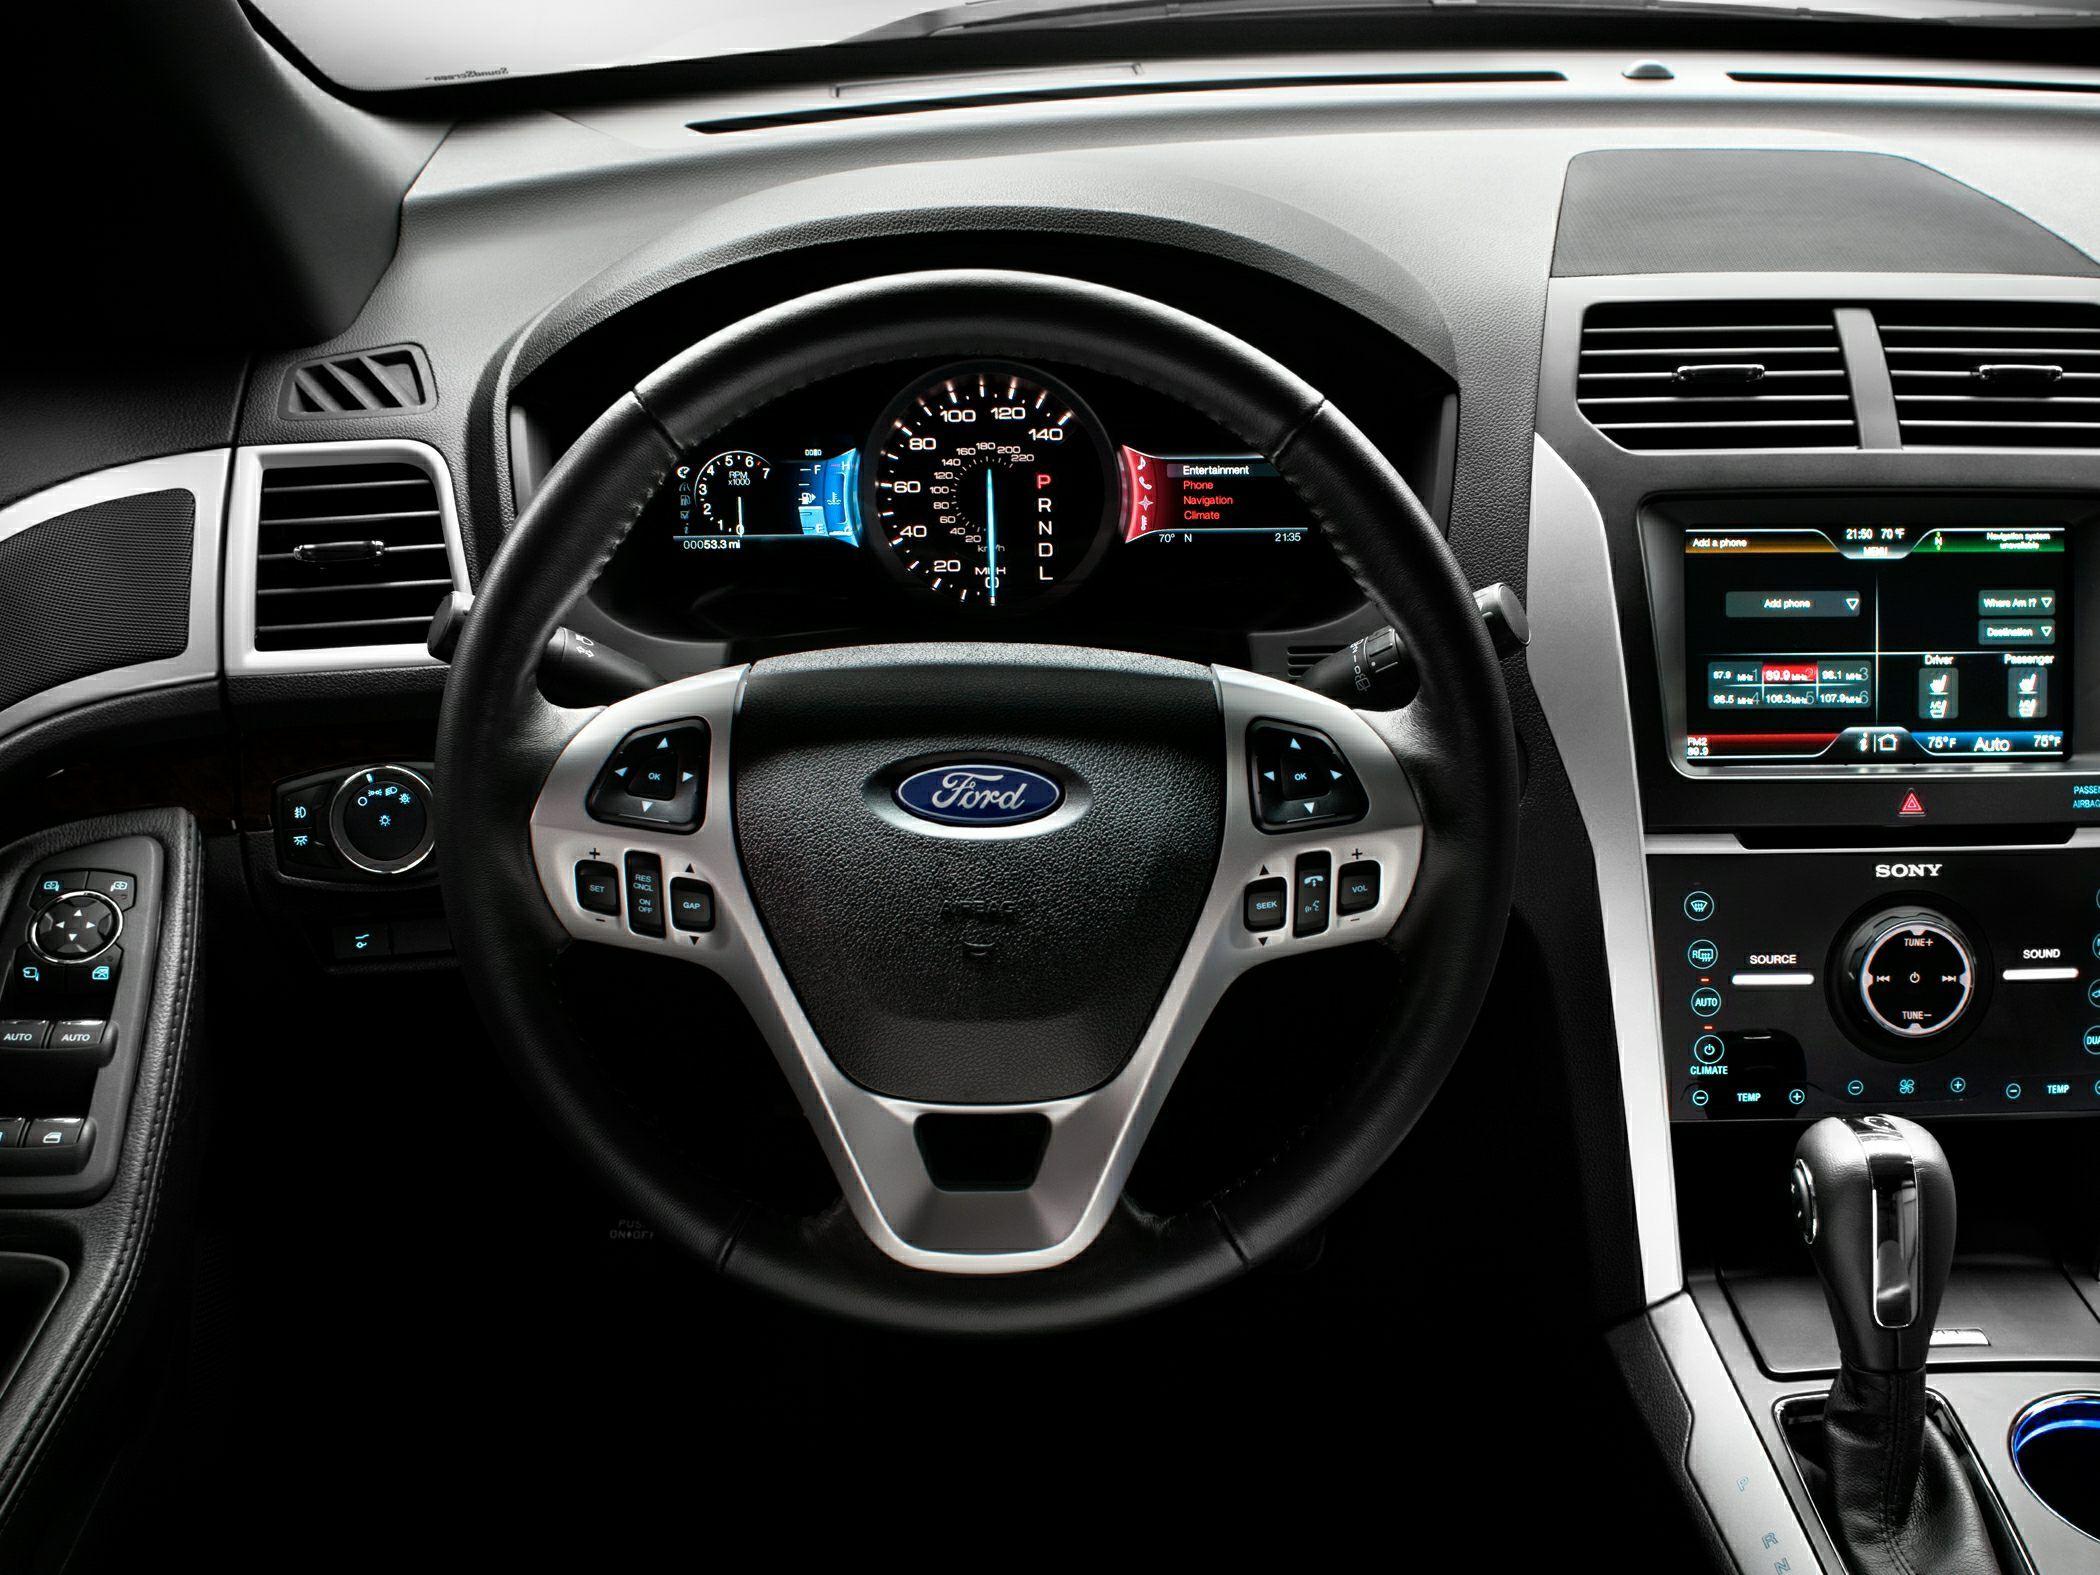 medium resolution of interior of ford explorer 2014